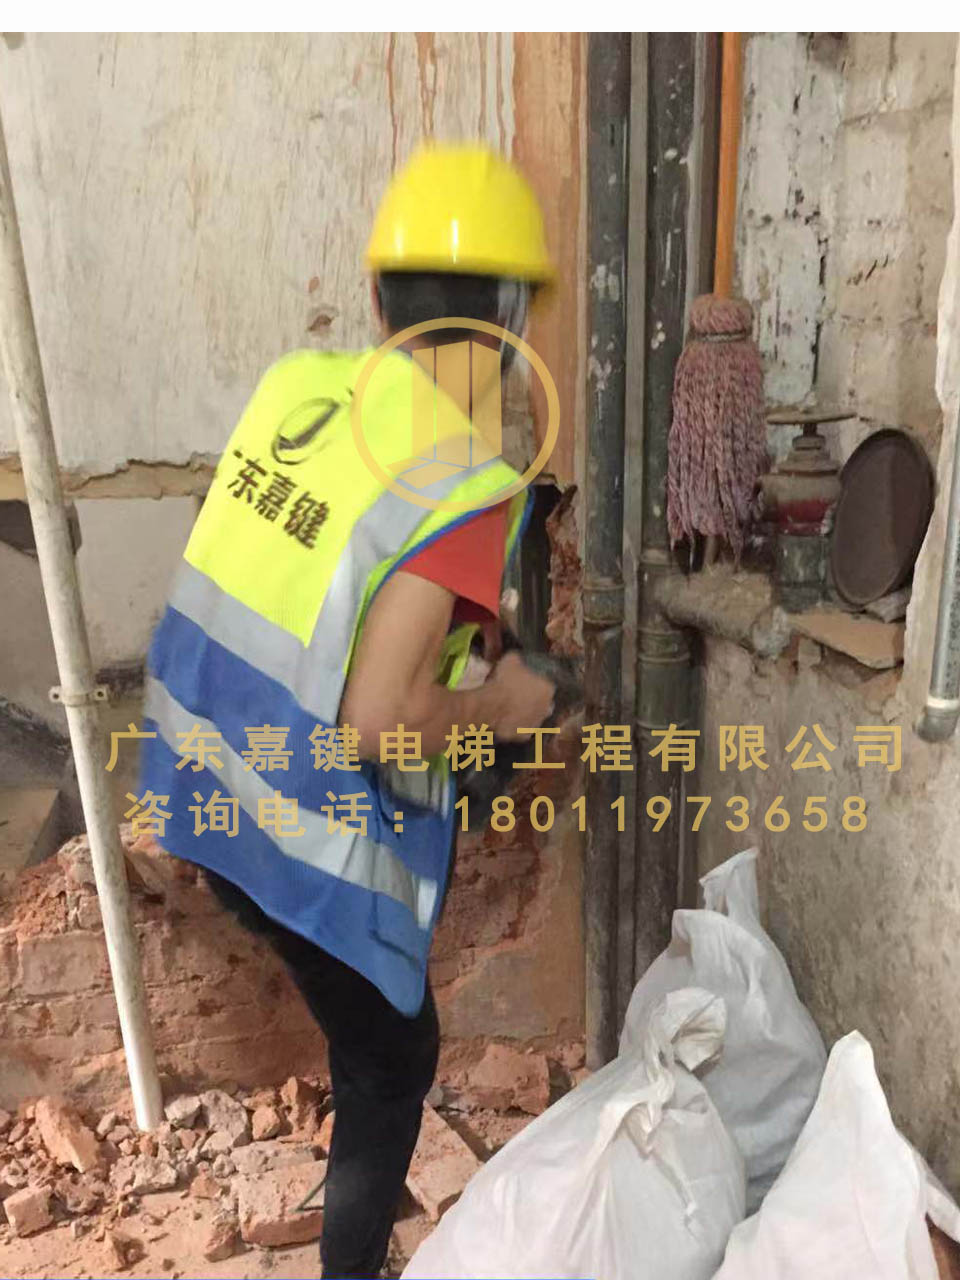 加装电梯施工